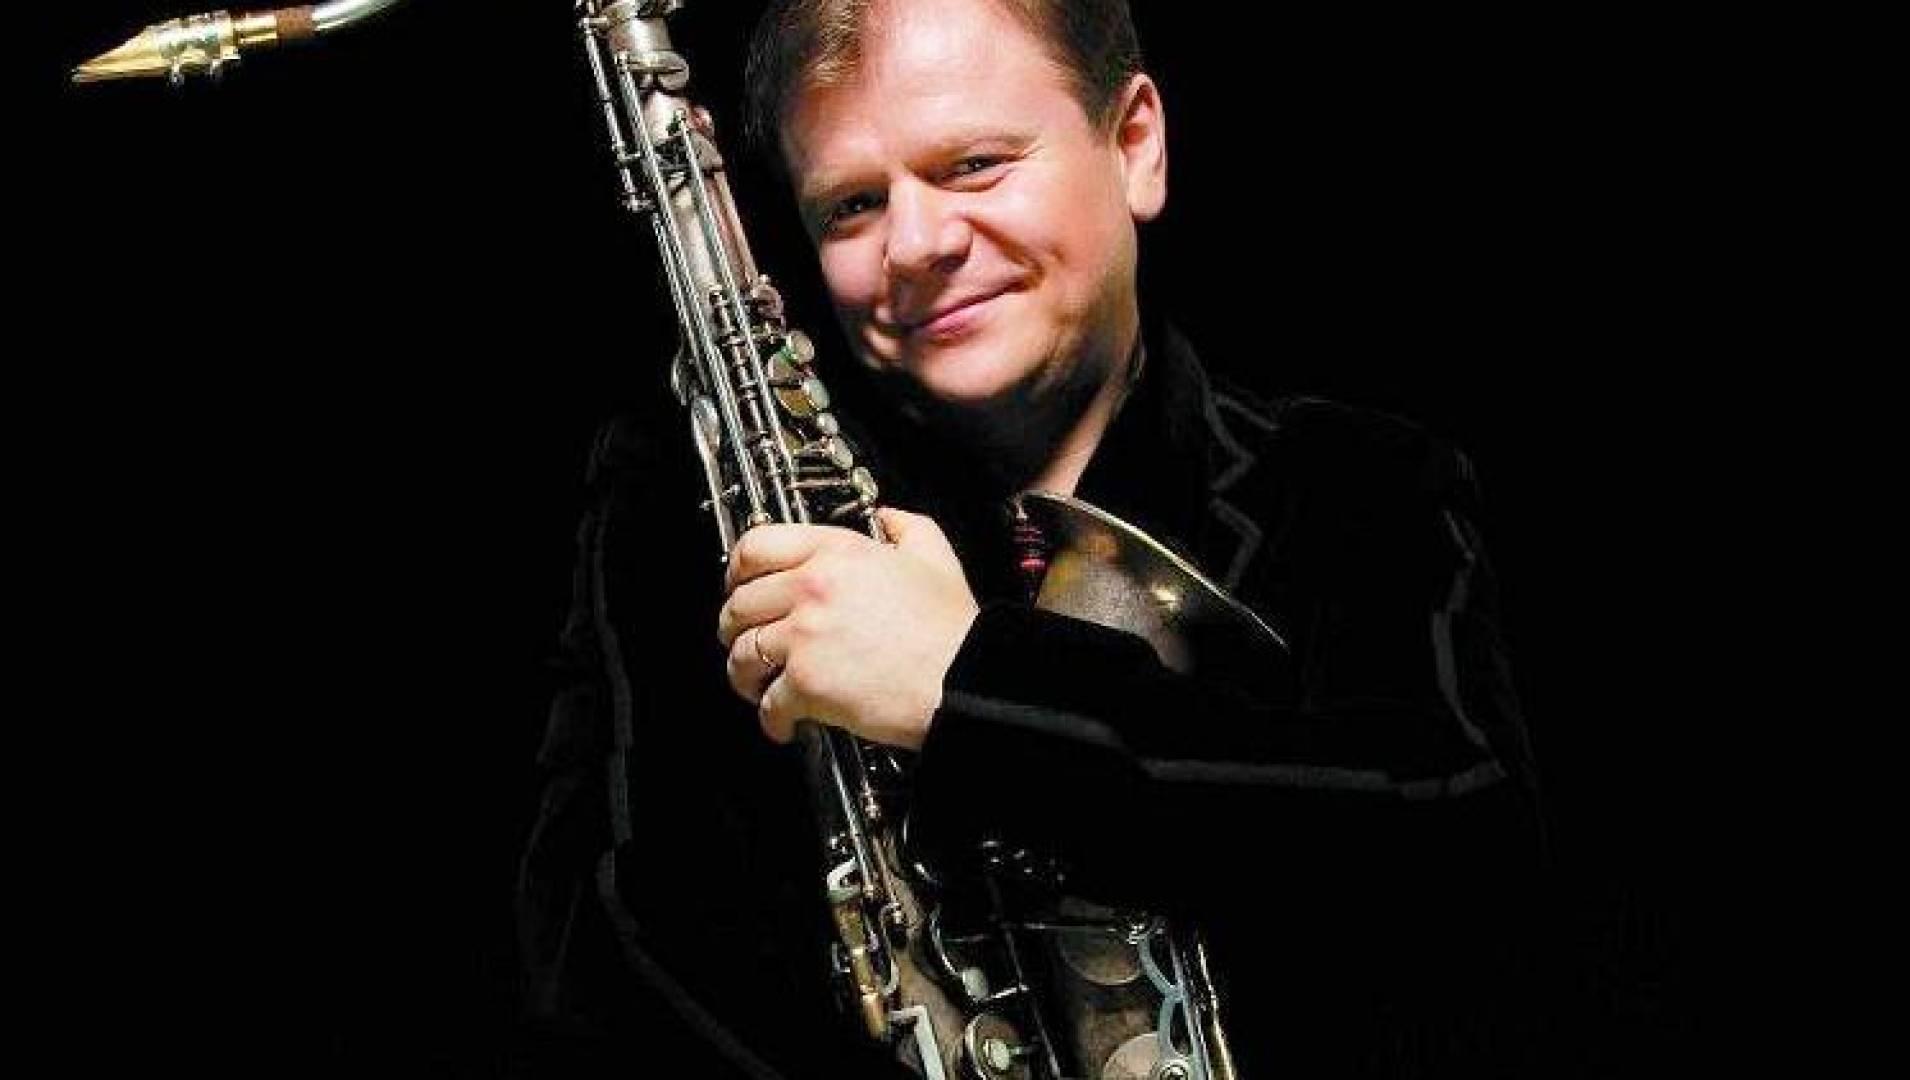 Звезды мирового джаза в юбилейном концерте Игоря Бутмана - Концерт